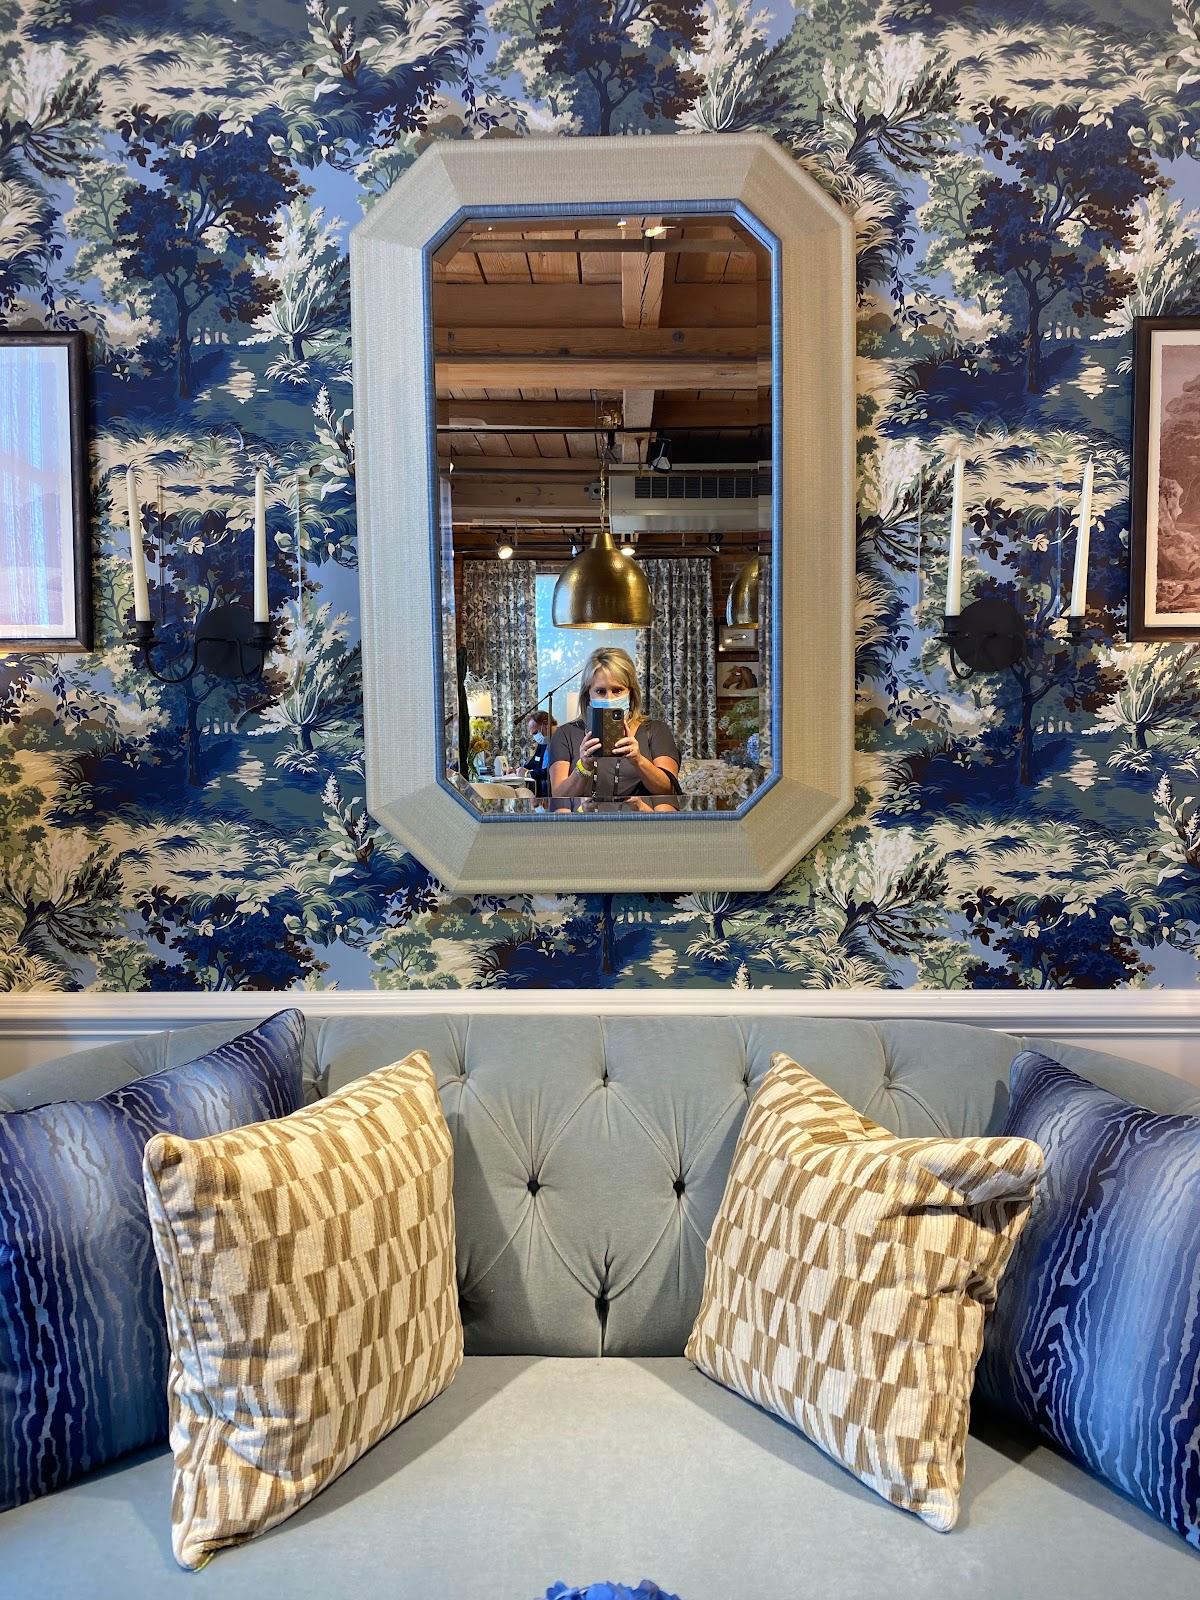 latest trends in interior design 2021 home decor wallpaper art